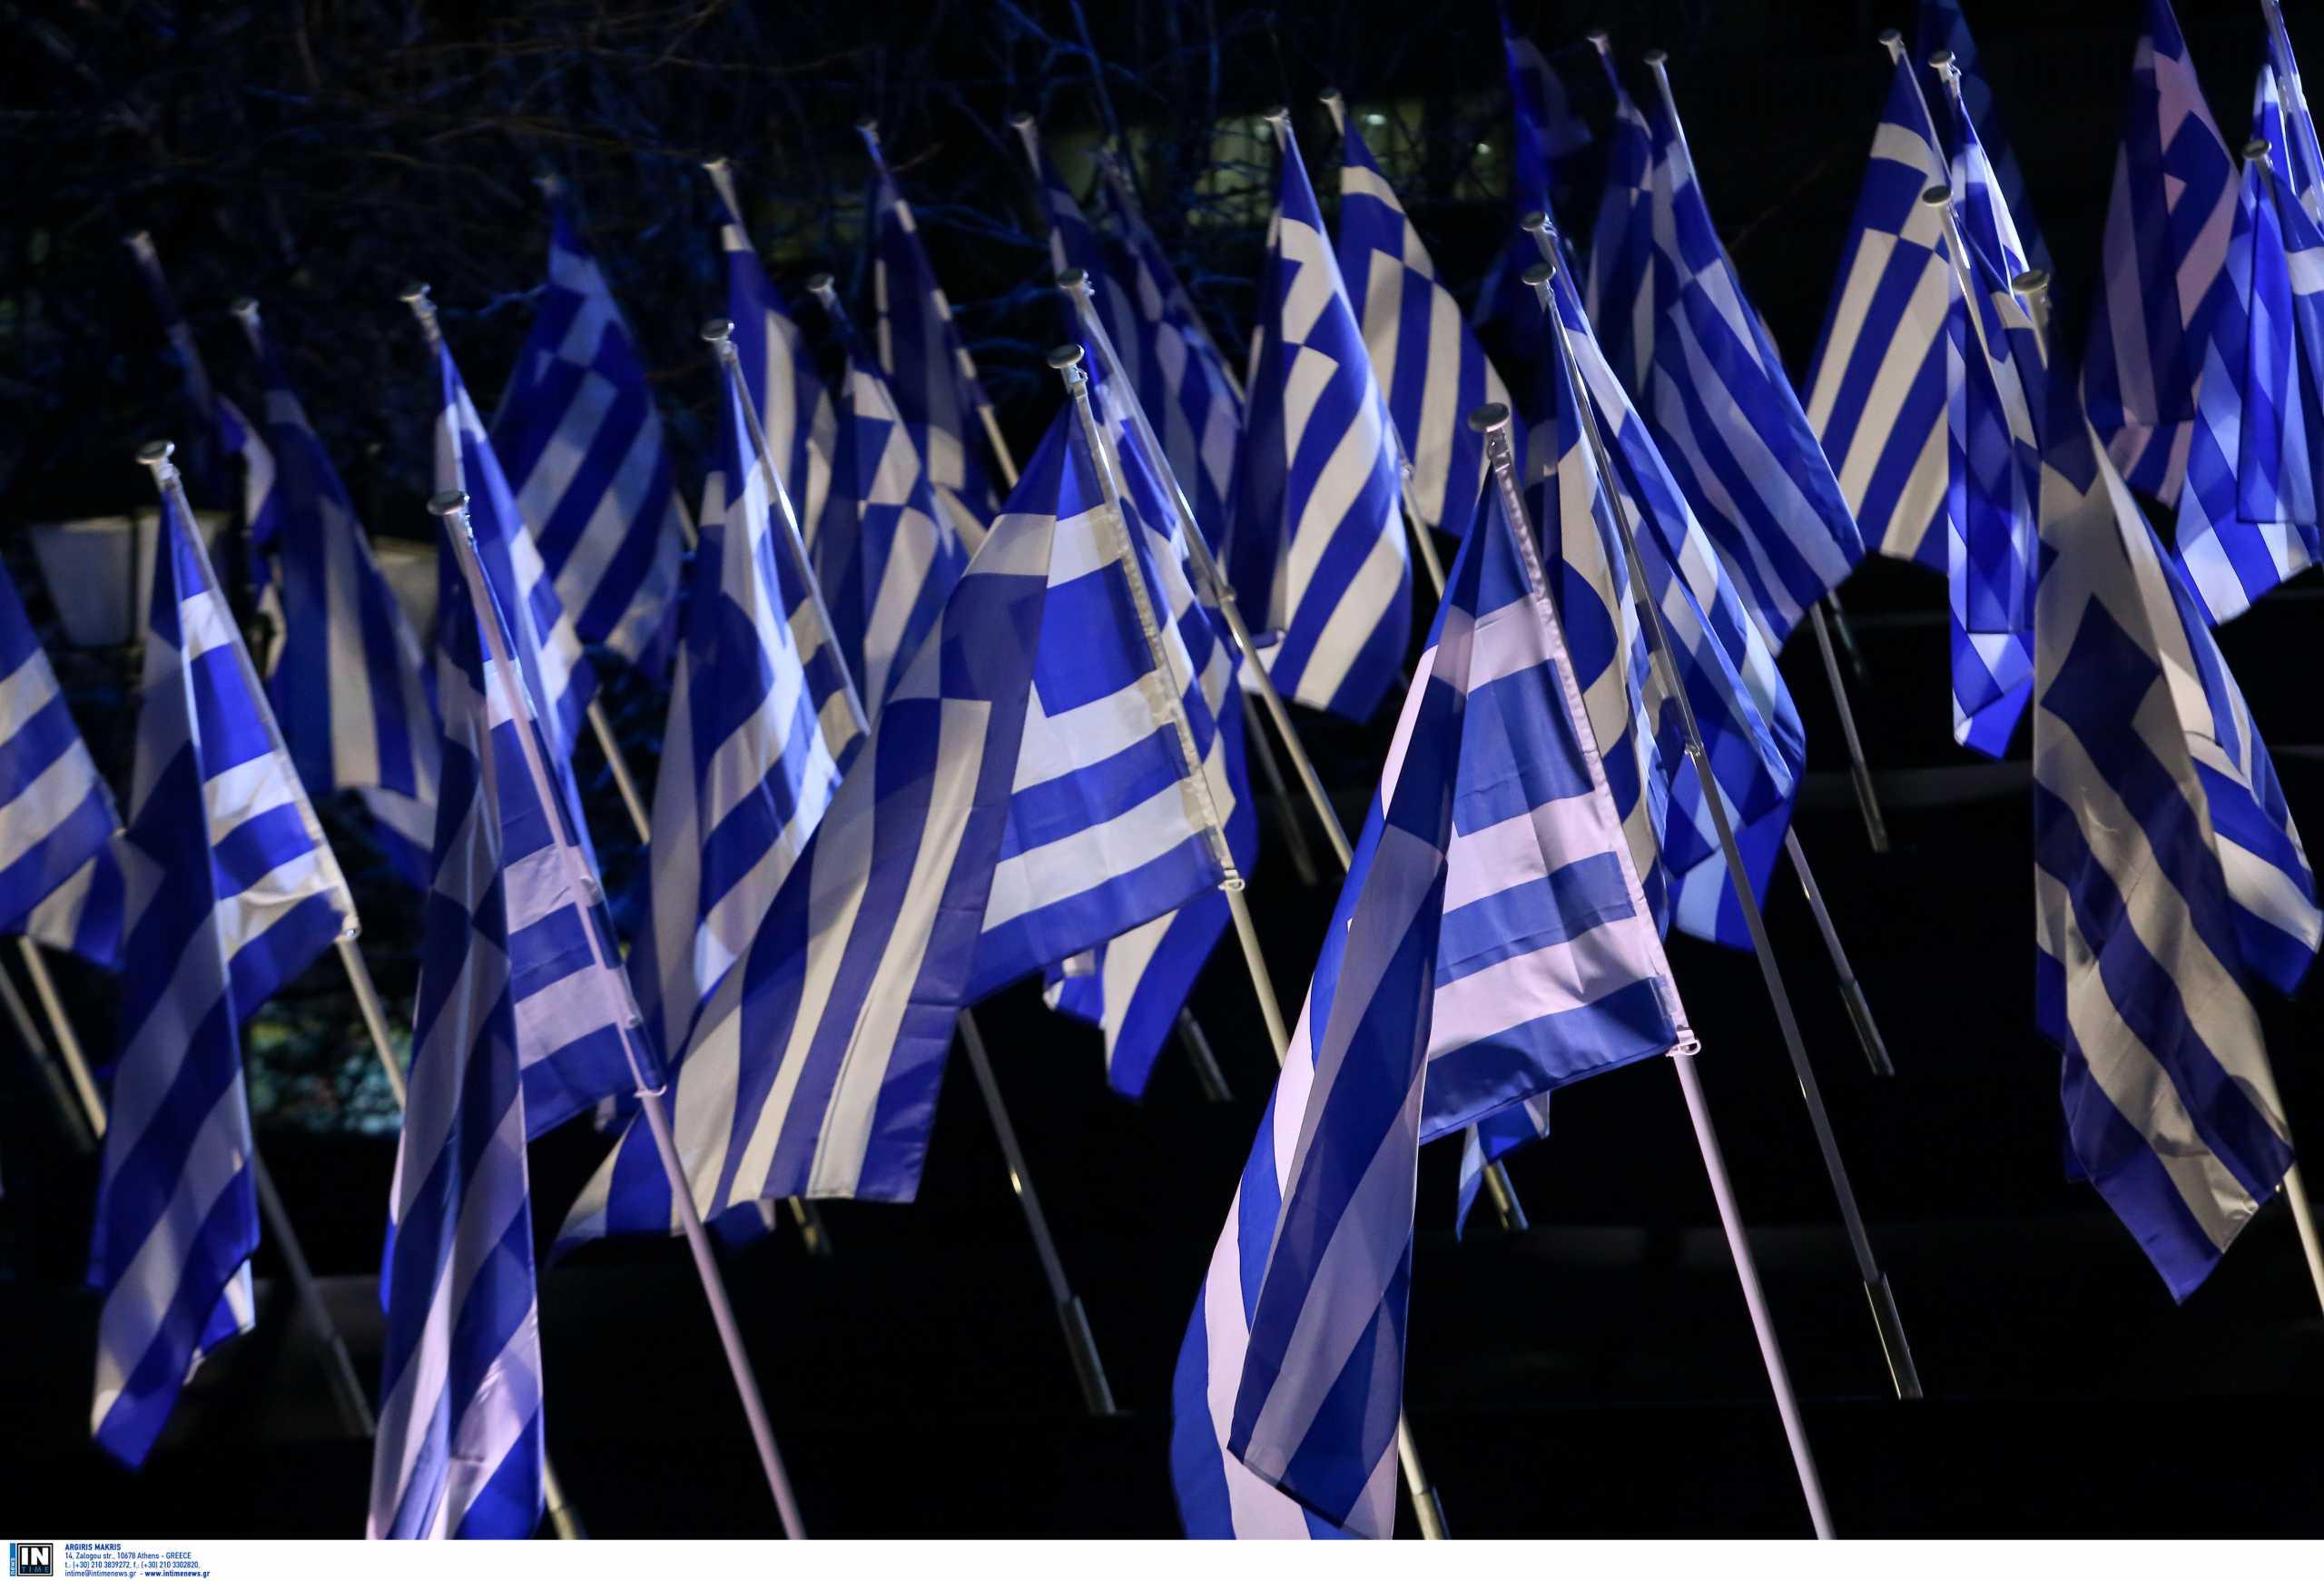 Σε ποιο νησί υψώθηκε για πρώτη φορά η ελληνική σημαία με το λευκό σταυρό σε γαλανό φόντο